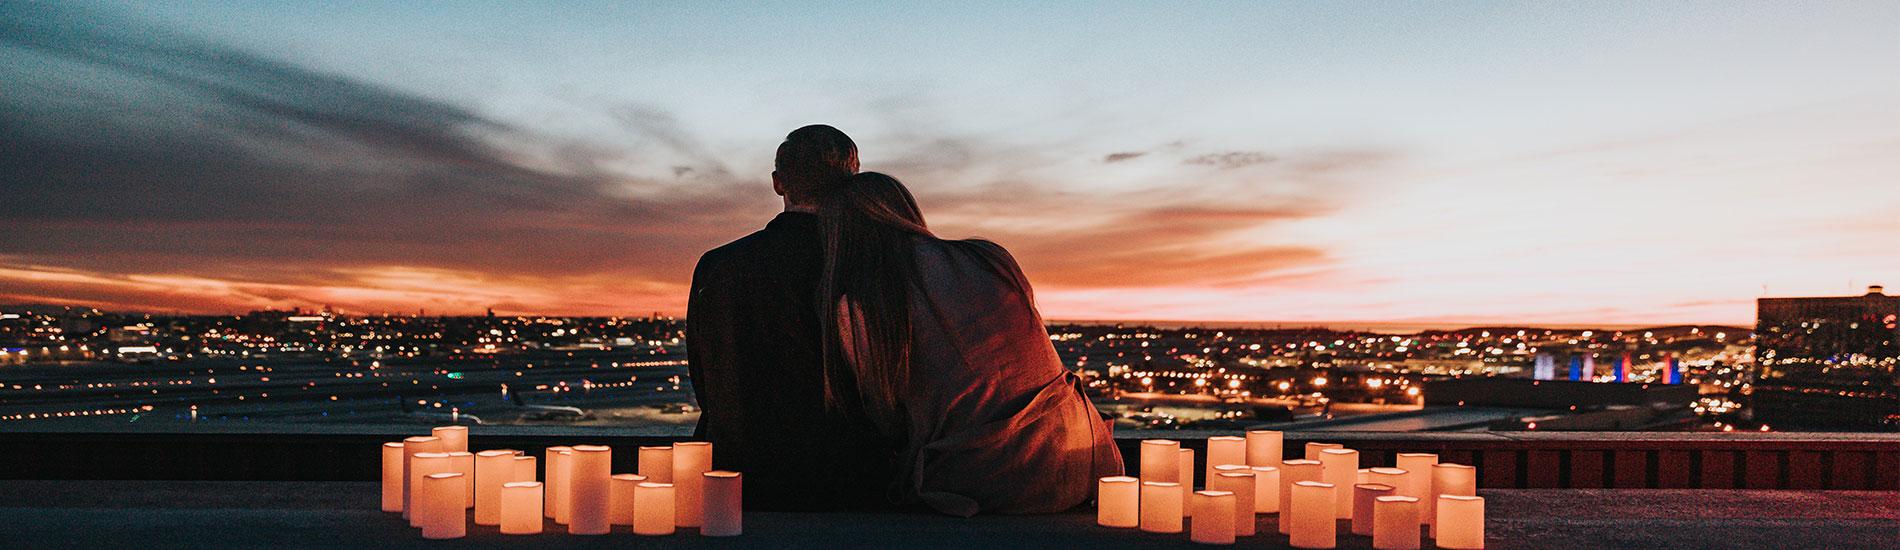 5 ερωτήσεις και απαντήσεις για τη σεξουαλική μας υγεία